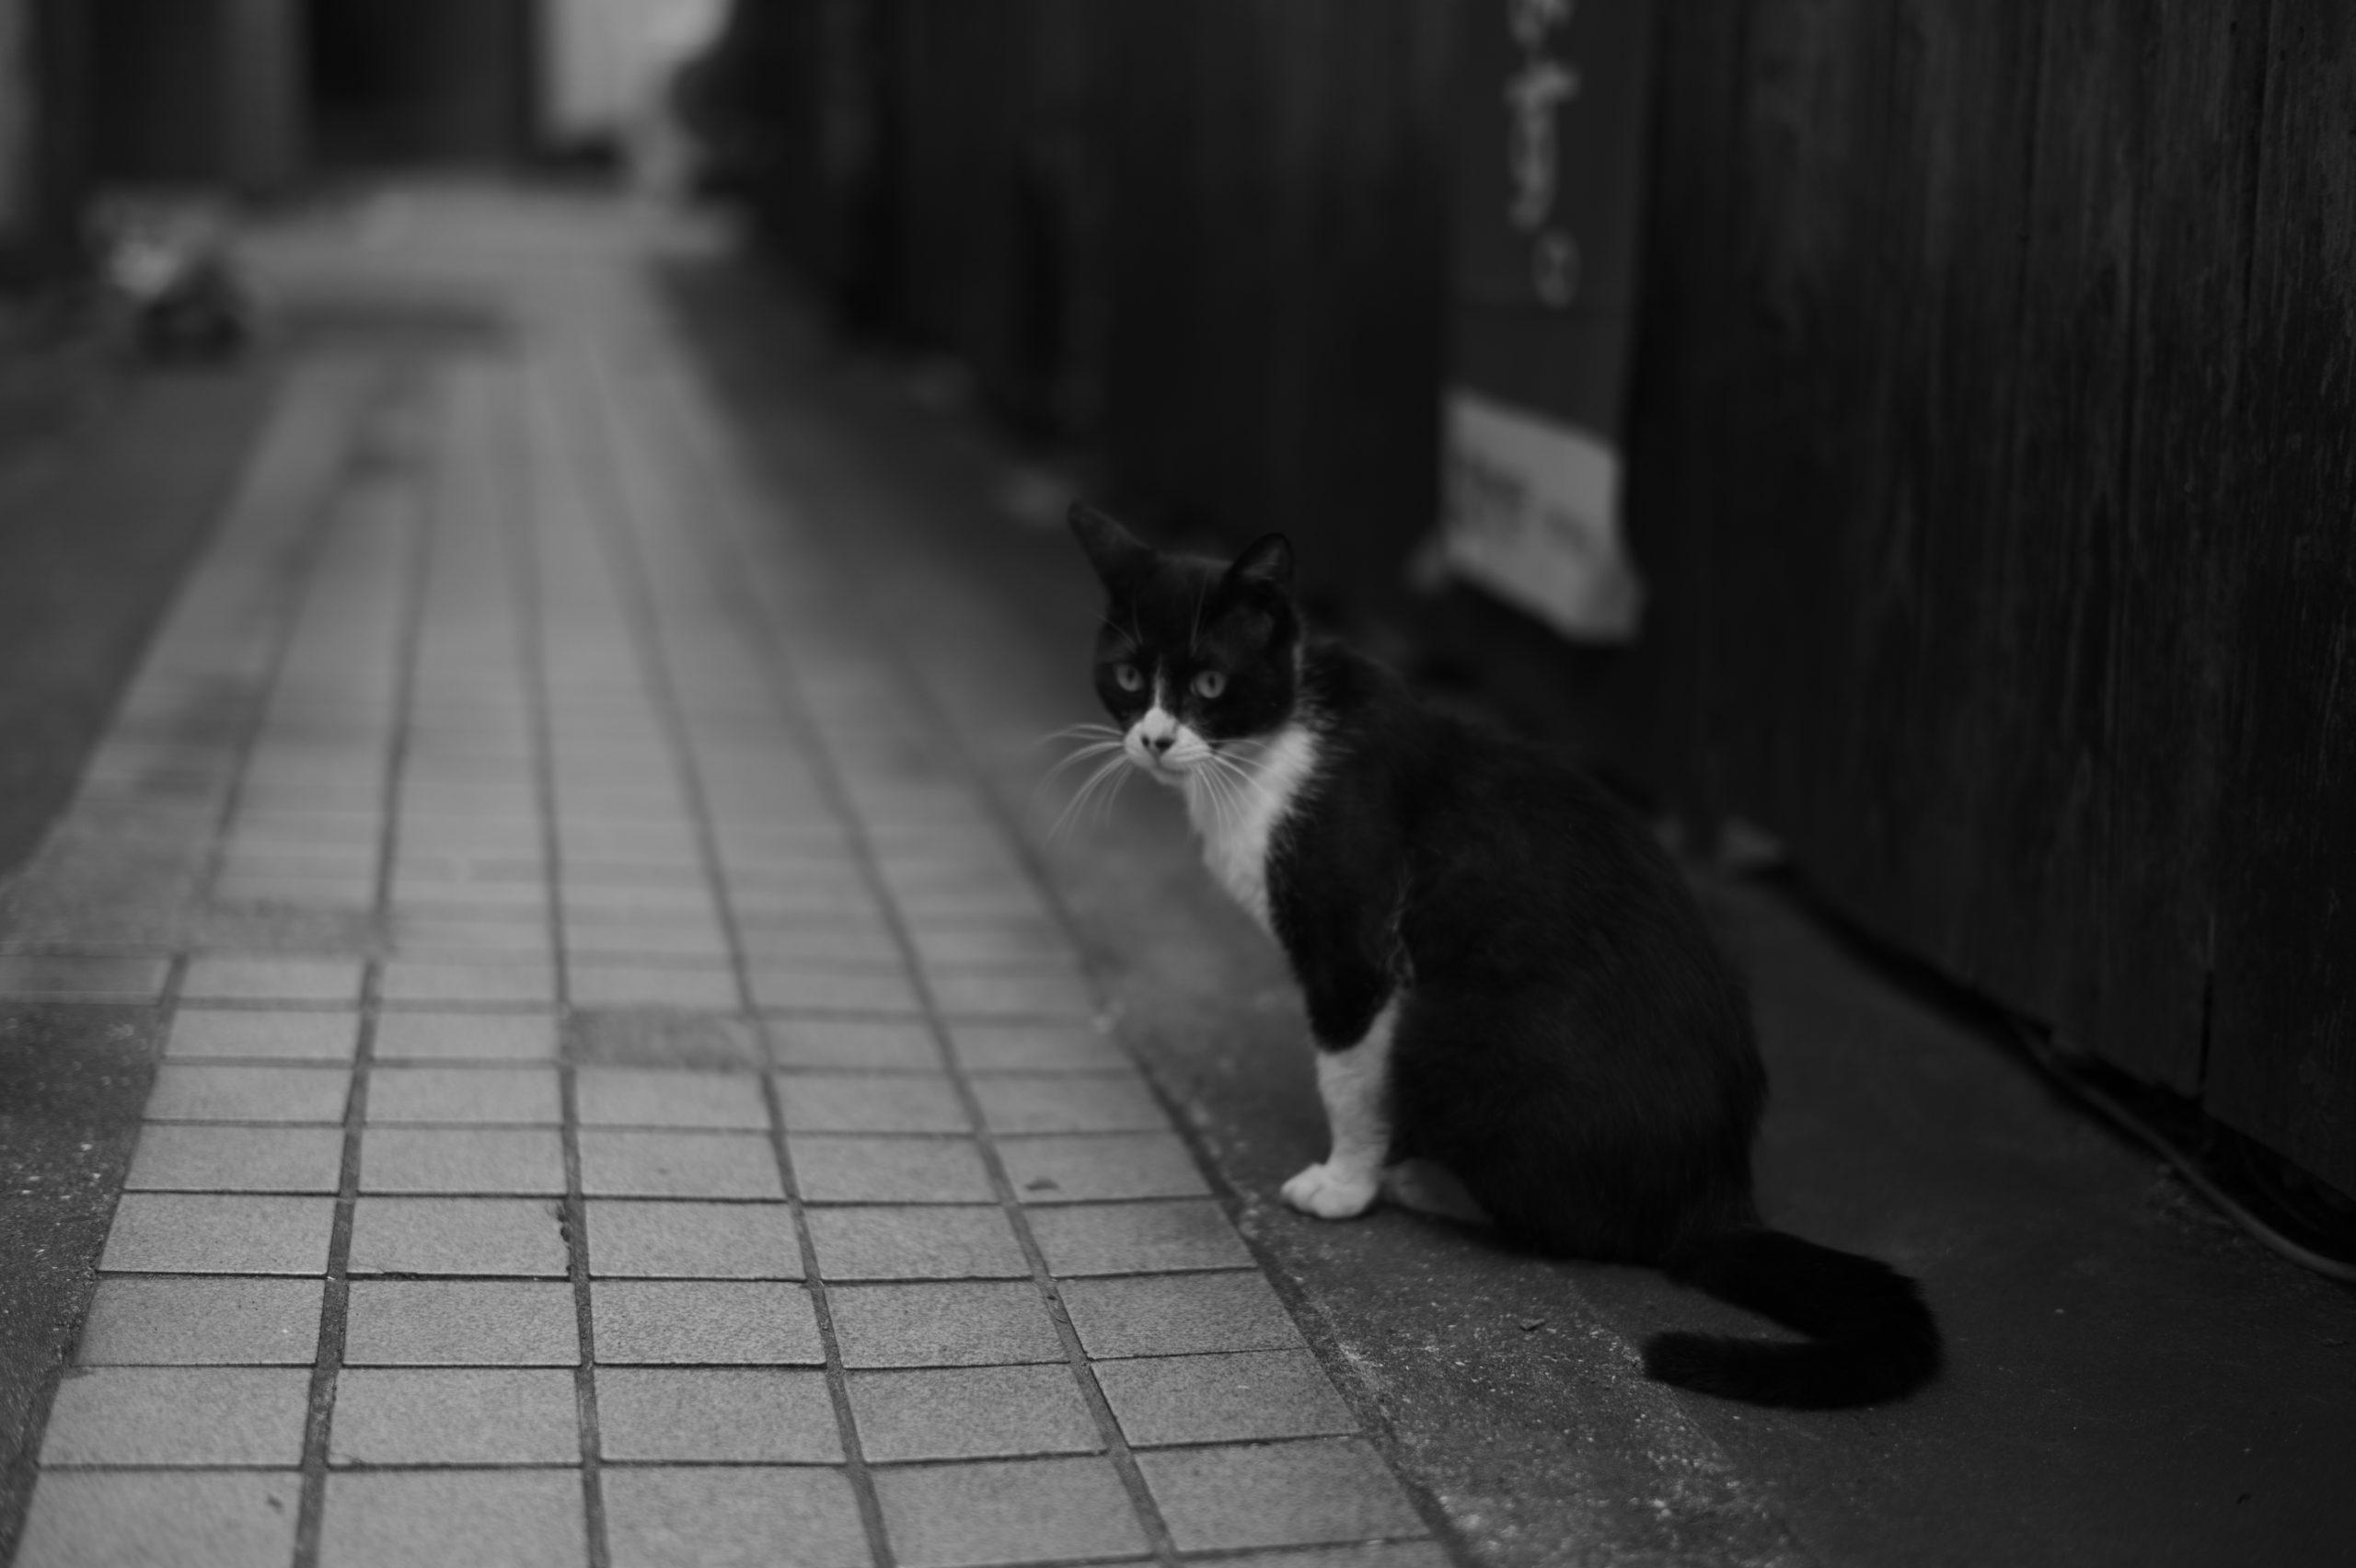 Leica M モノクローム 作例